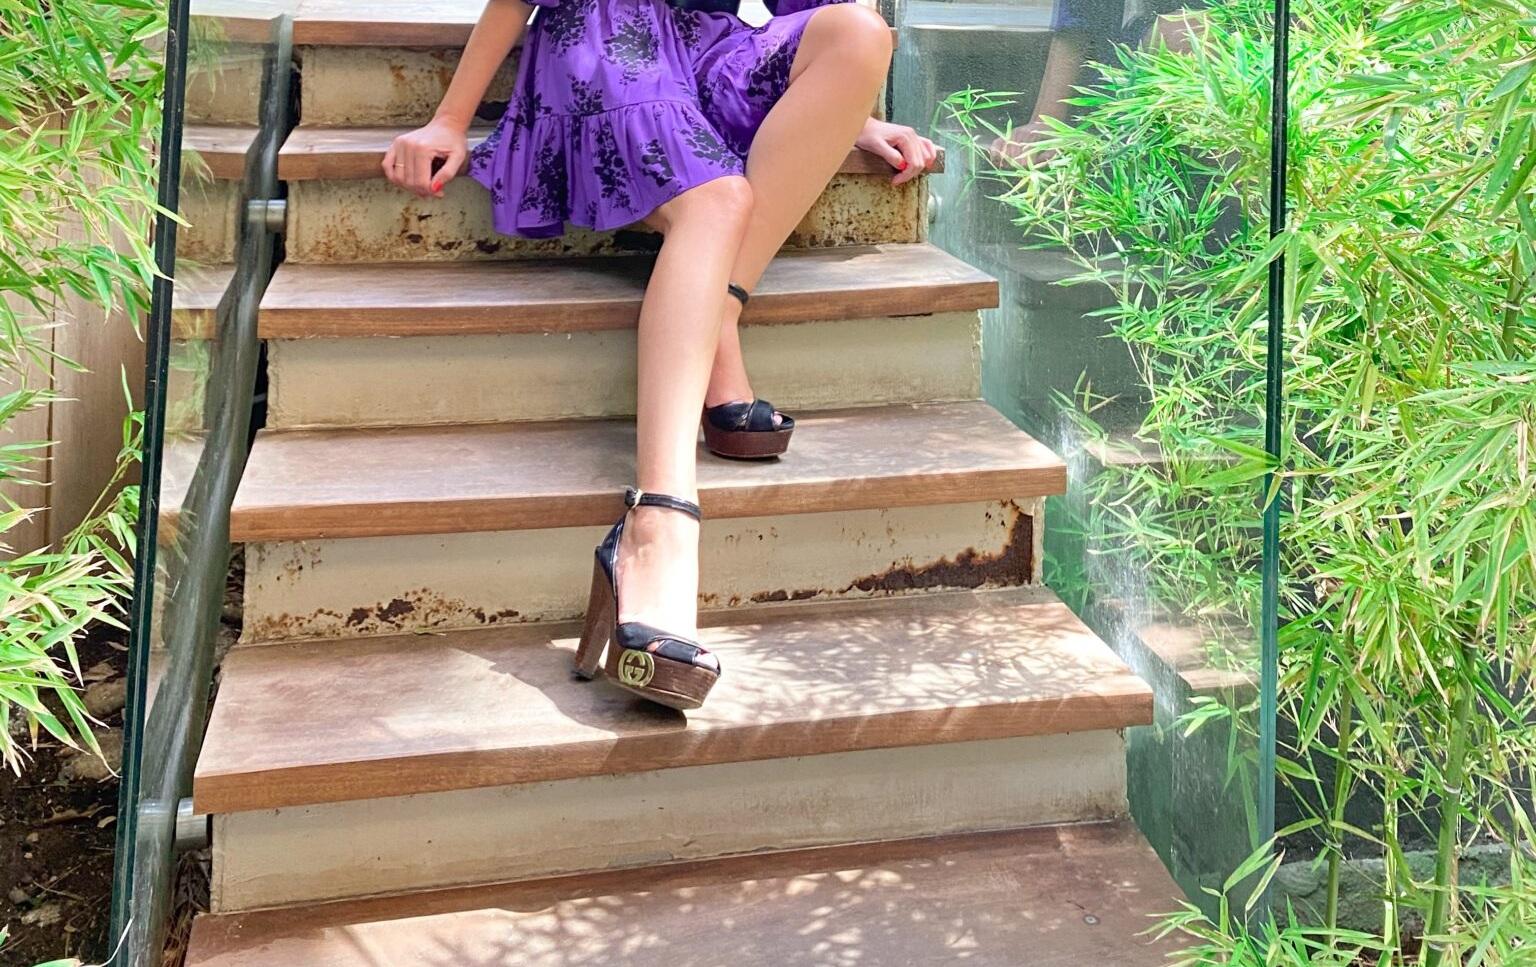 Τατιάνα Στεφανίδου: Δεν θα πιστεύεις πόσα χρόνια έχει στην ντουλάπα της αυτά τα παπούτσια!